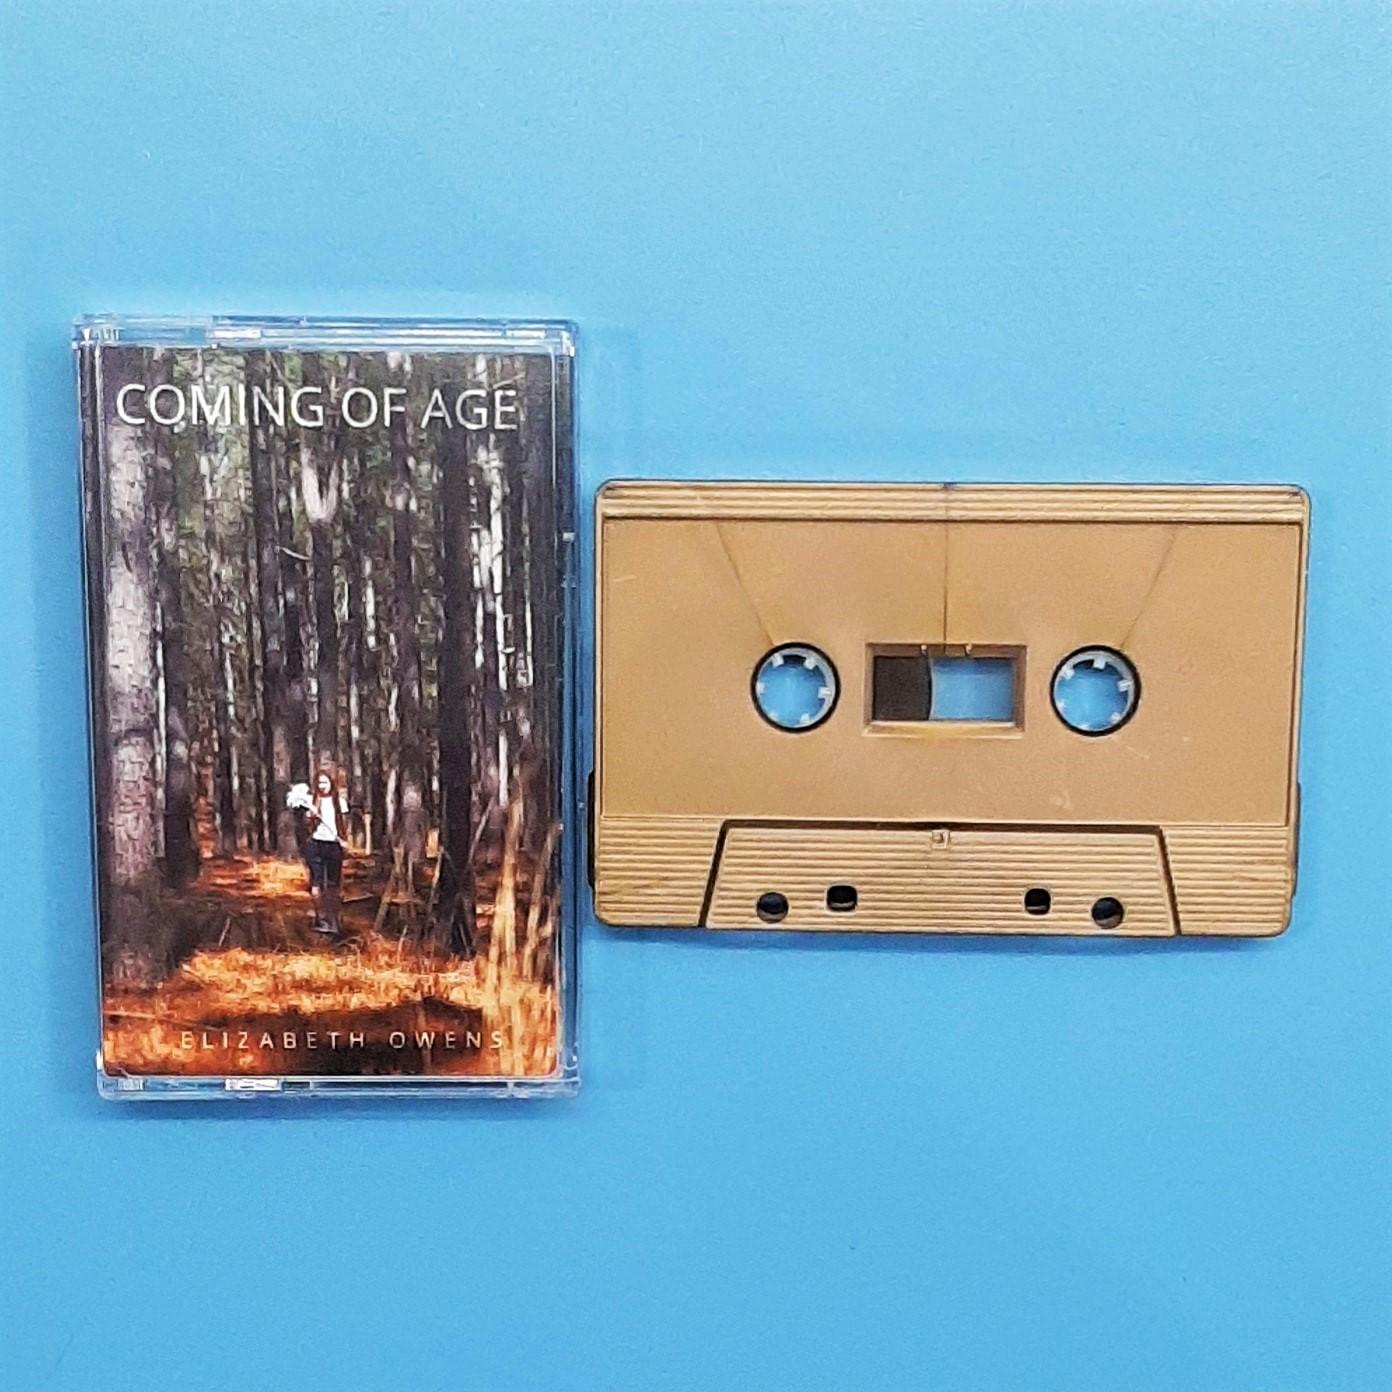 (Eli)zabeth Owens - Coming of Age (Grimalkin Records)